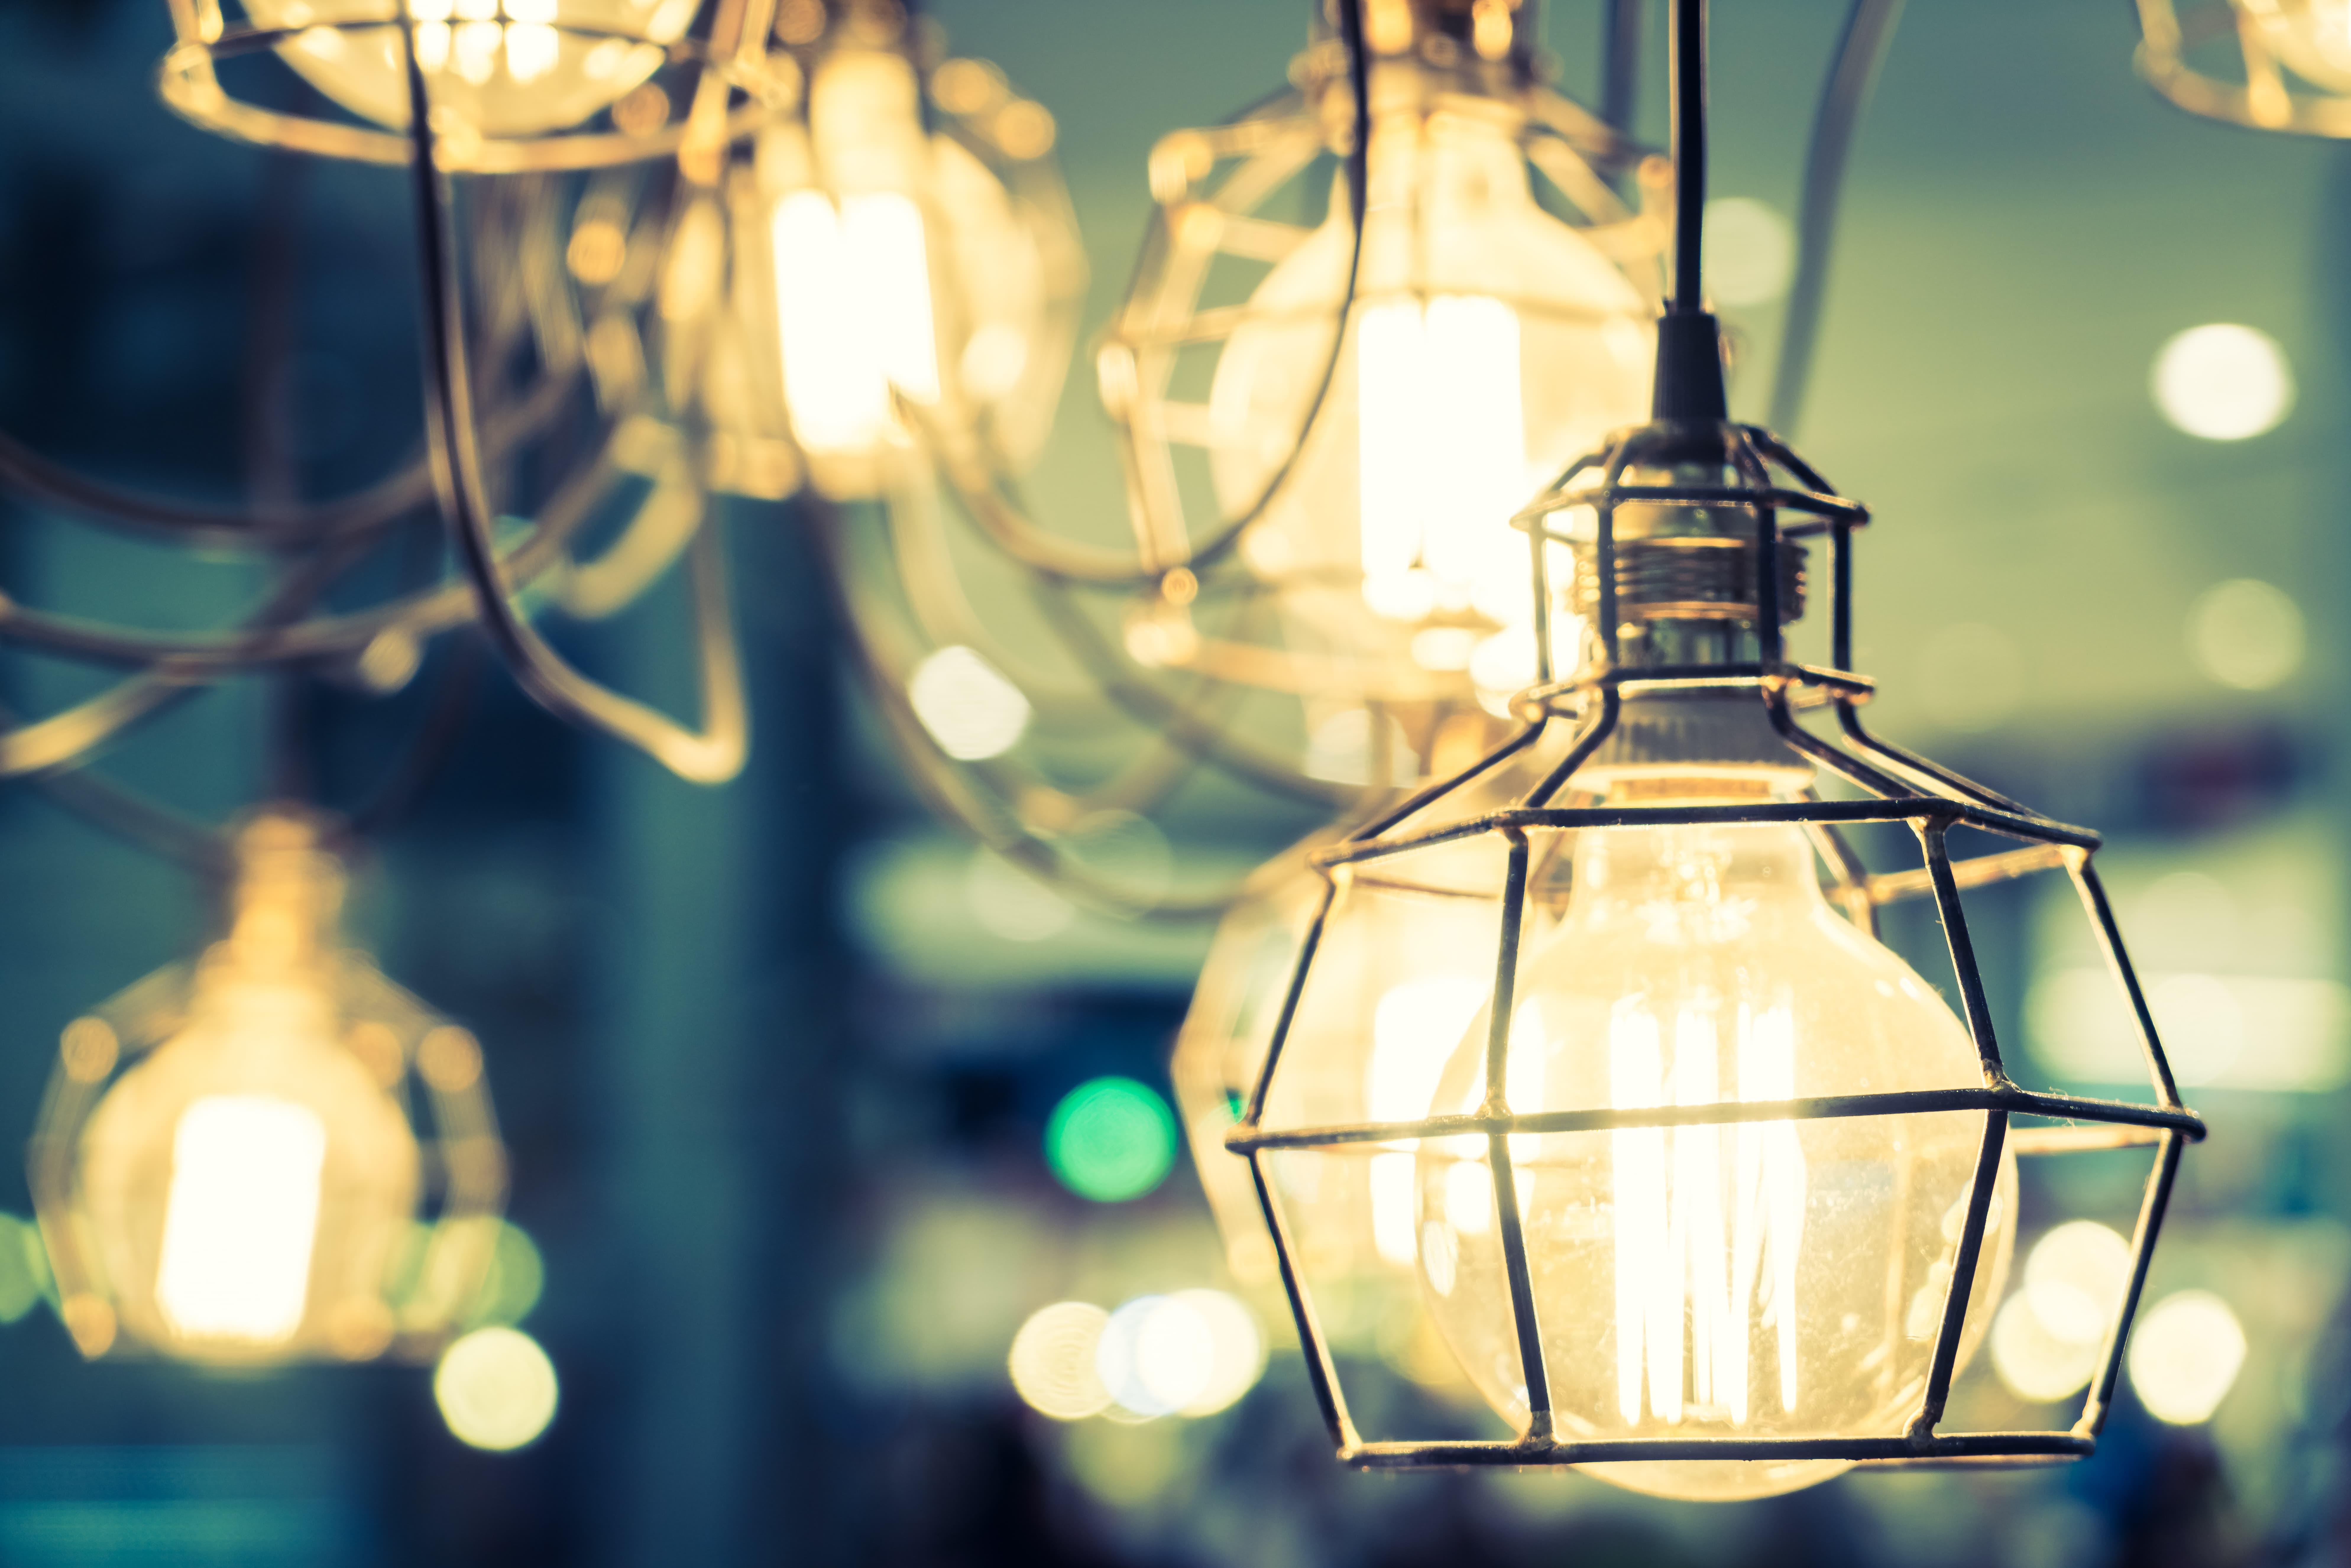 Lampe Vorschau